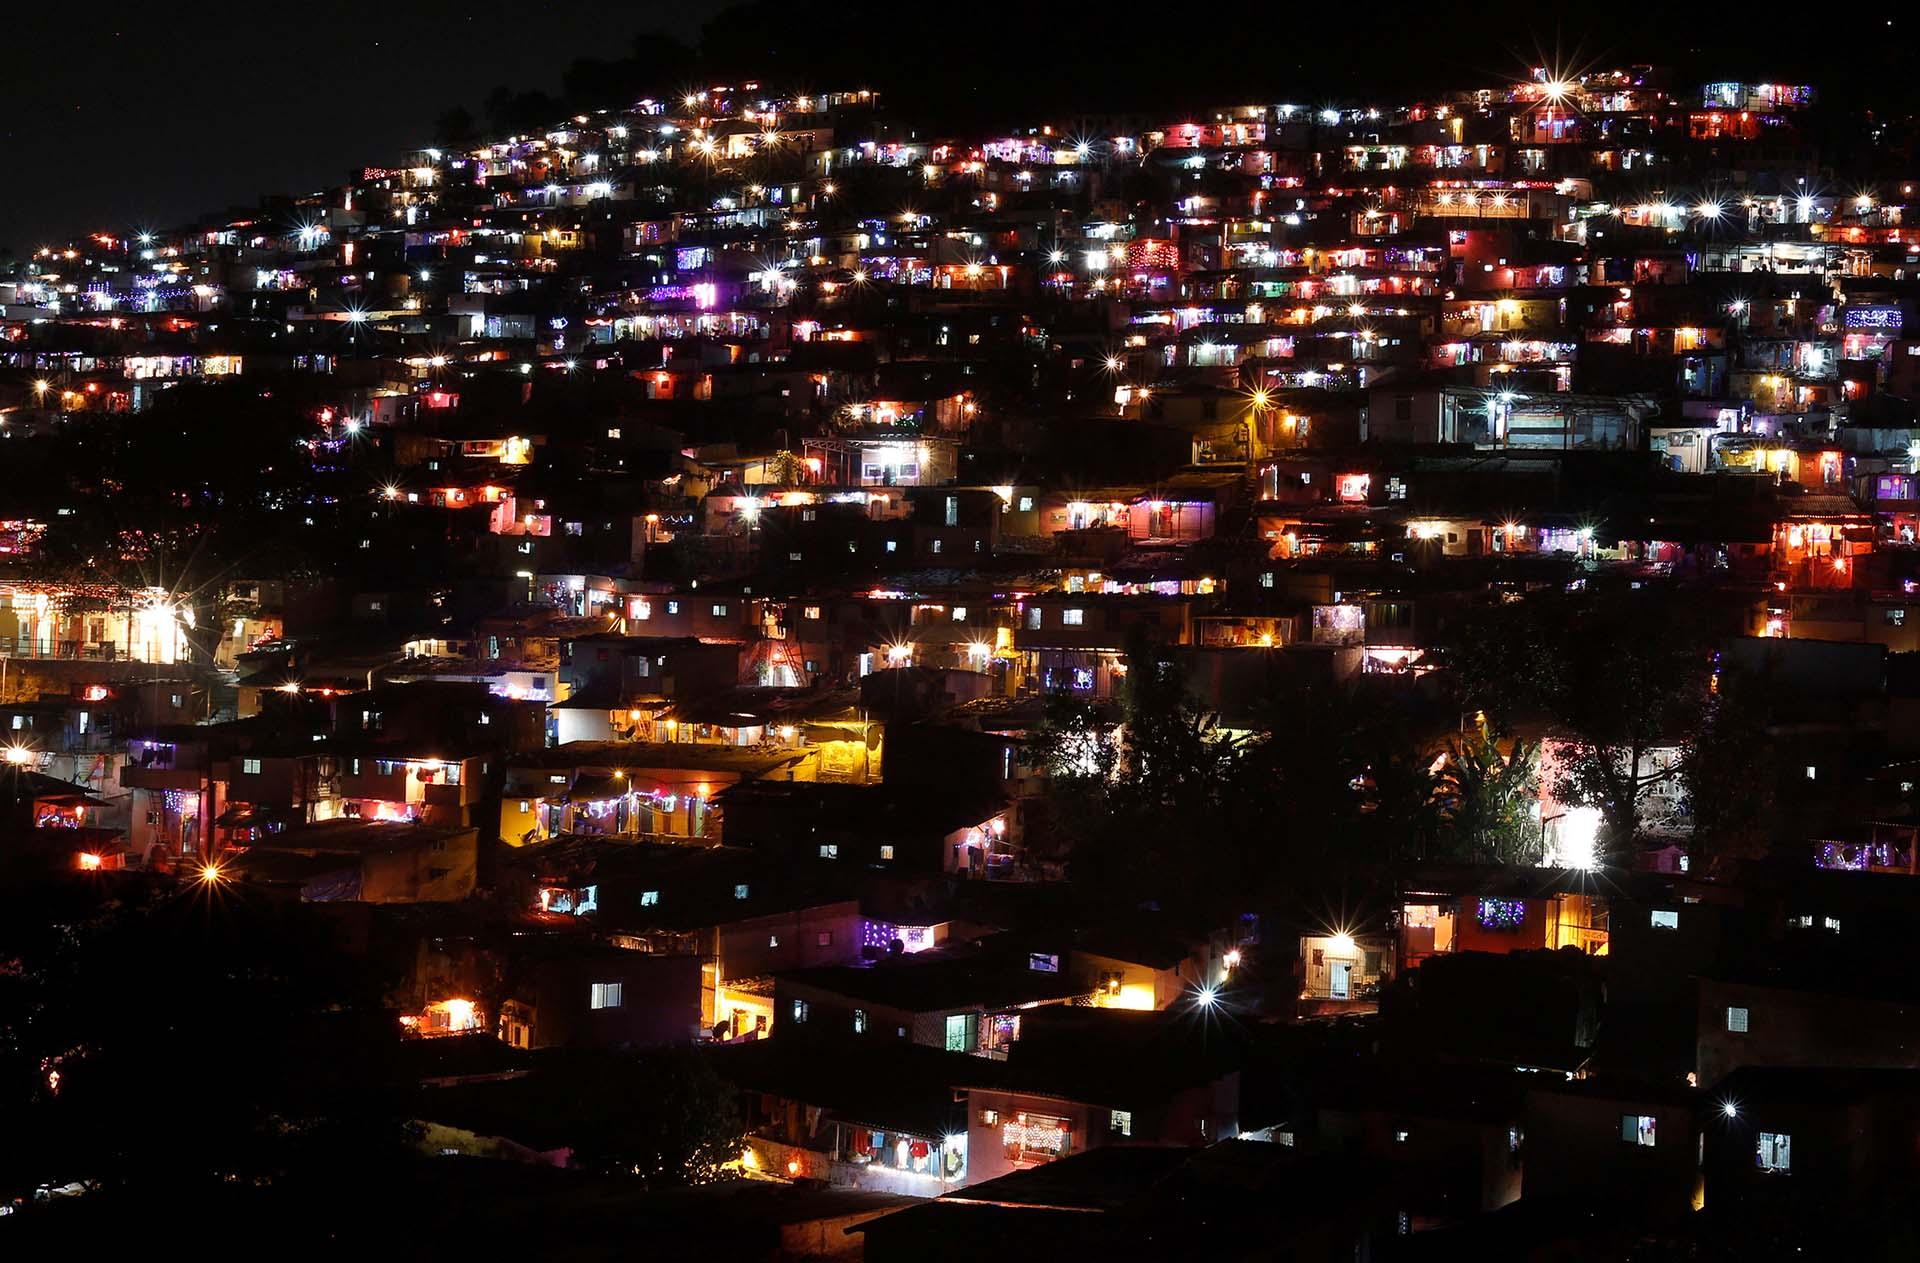 La gente adorna sus casas con linternas y luces durante la celebración del festival hindú anual de Diwali en Mumbai